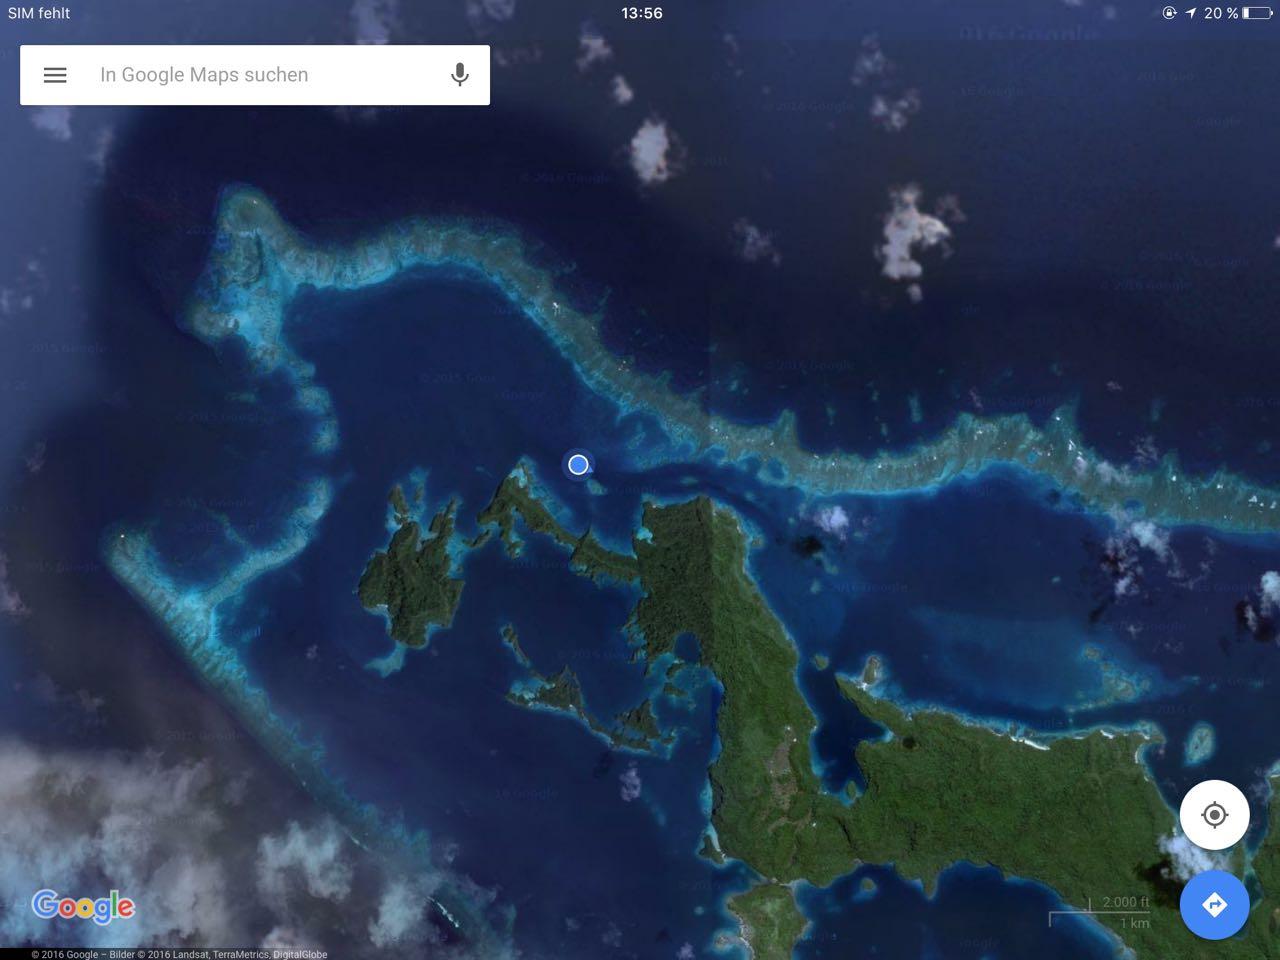 Google Maps Satellitenbild von der Ansteuerung von Vanuabalavu